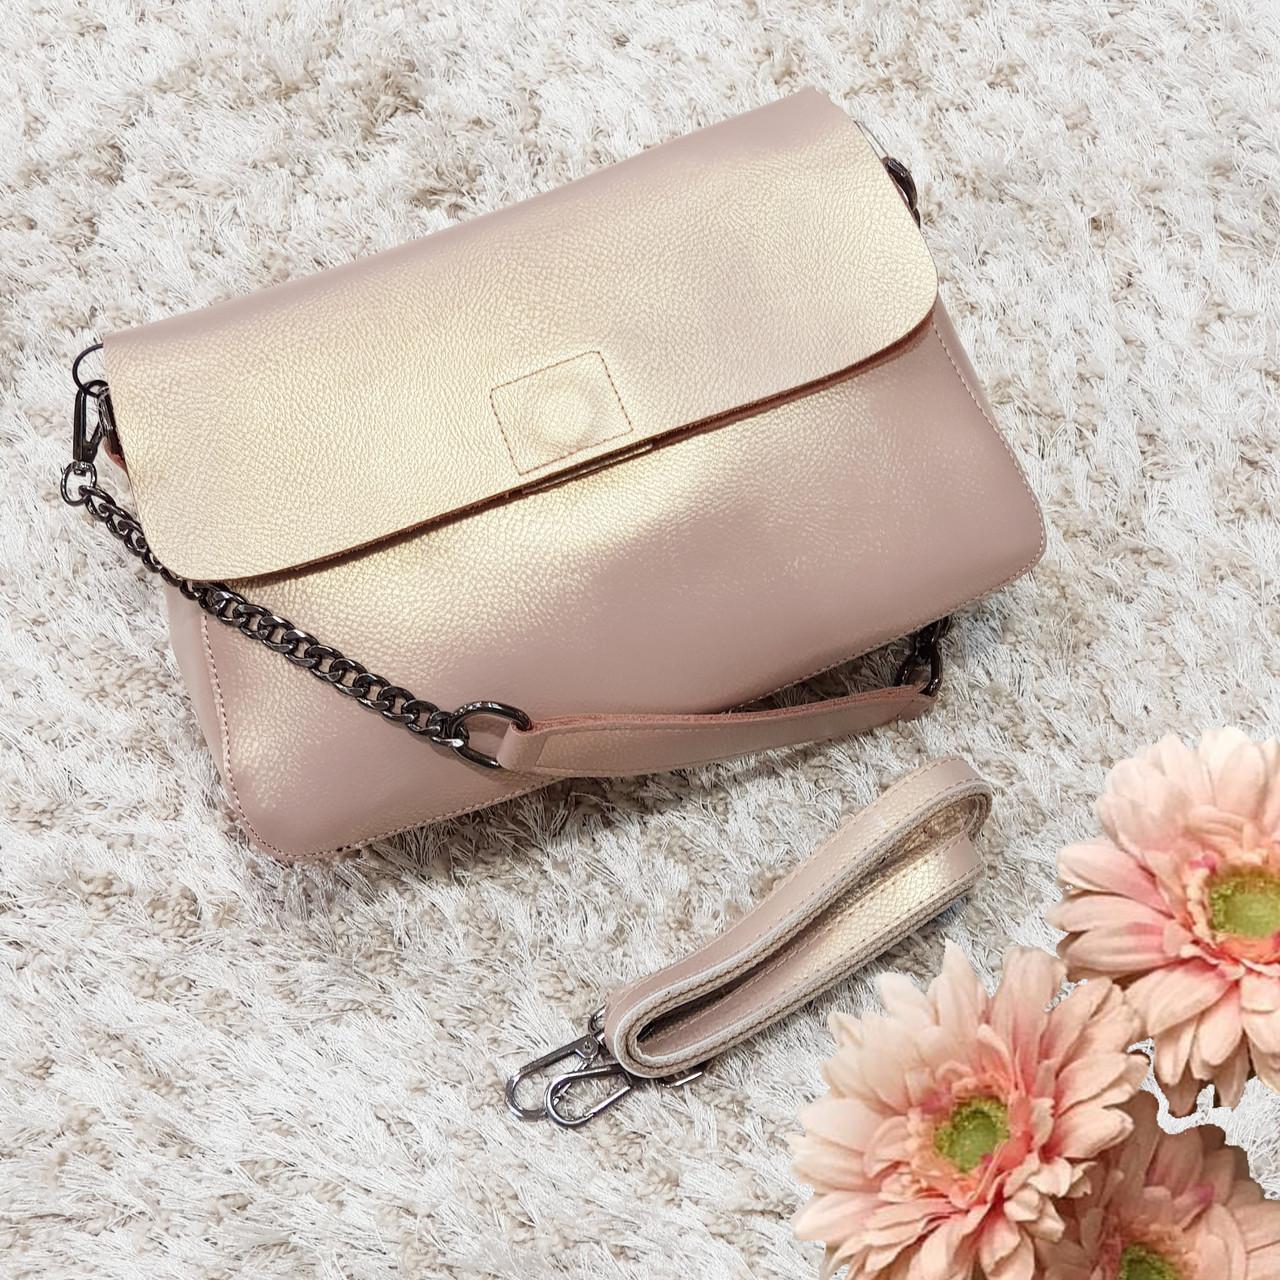 Женская маленькая сумка розовый перламутр